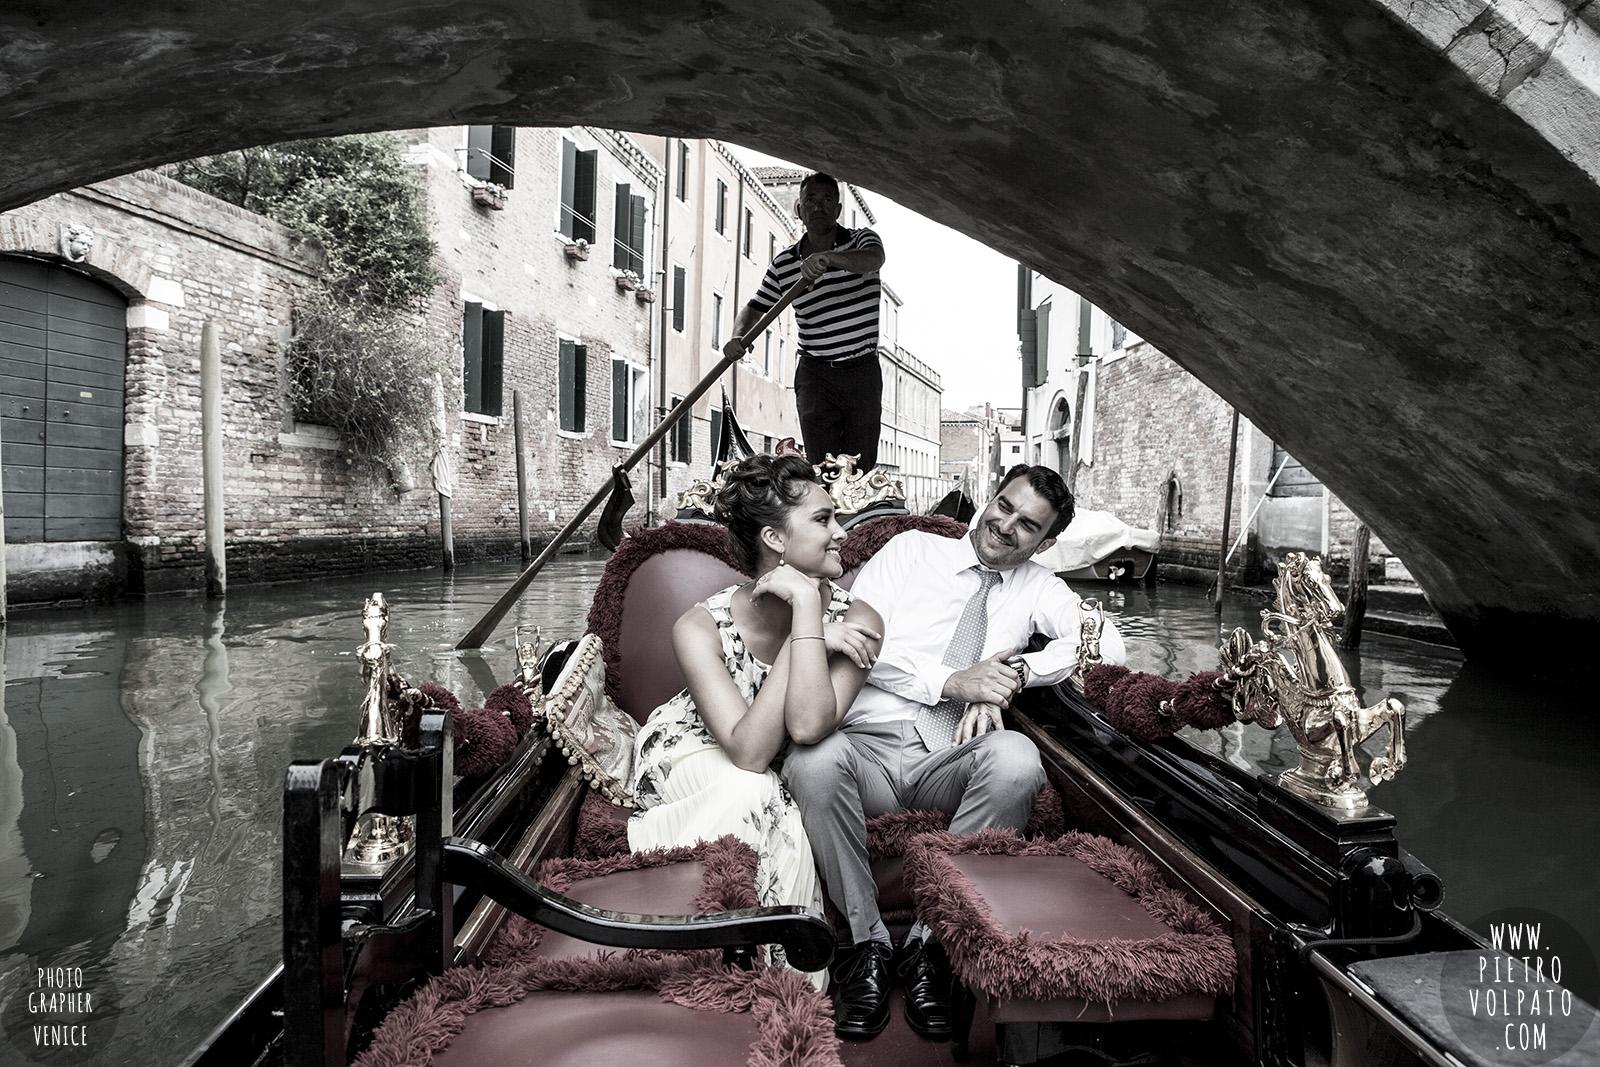 fotografo venezia servizio foto sposi luna di miele - fotografie viaggio di nozze vacanza coppia